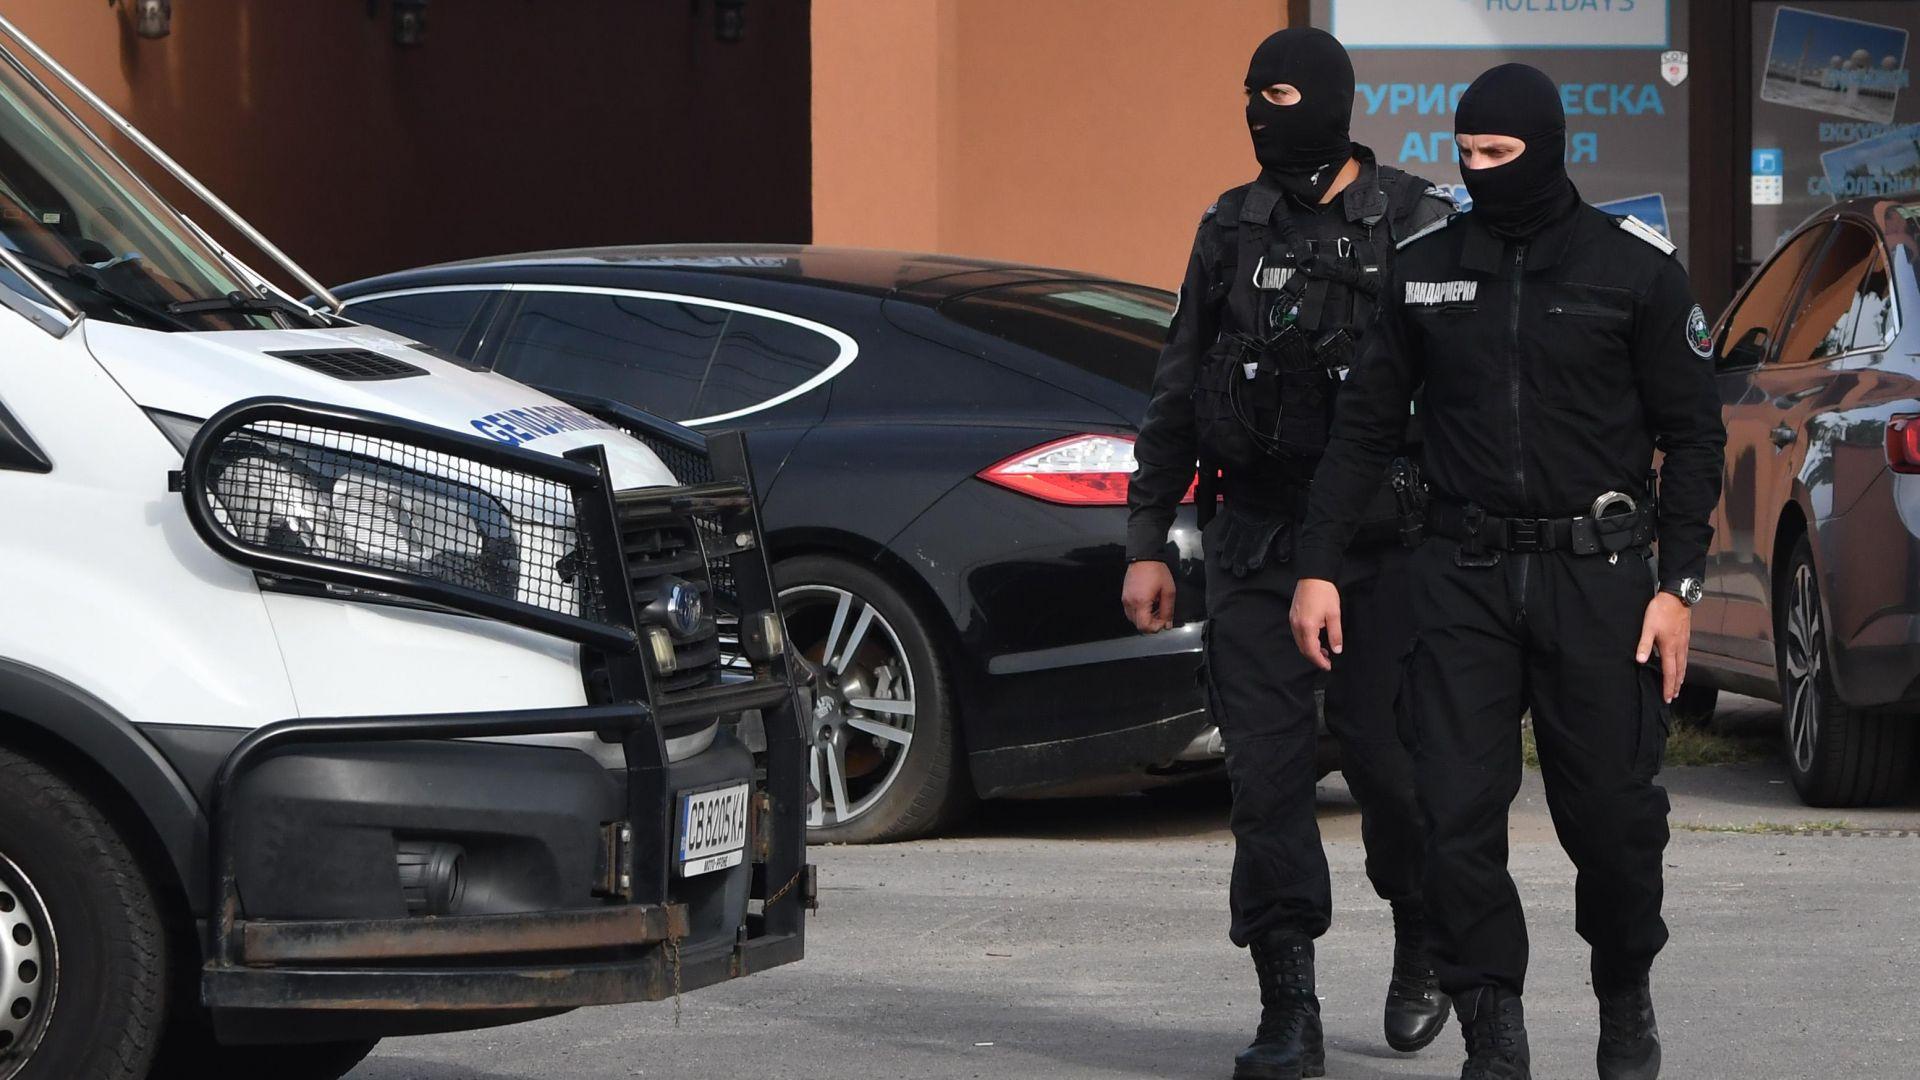 Лихвари пребиват длъжниците си: Ексклузивен разказ на жертви на престъпна група